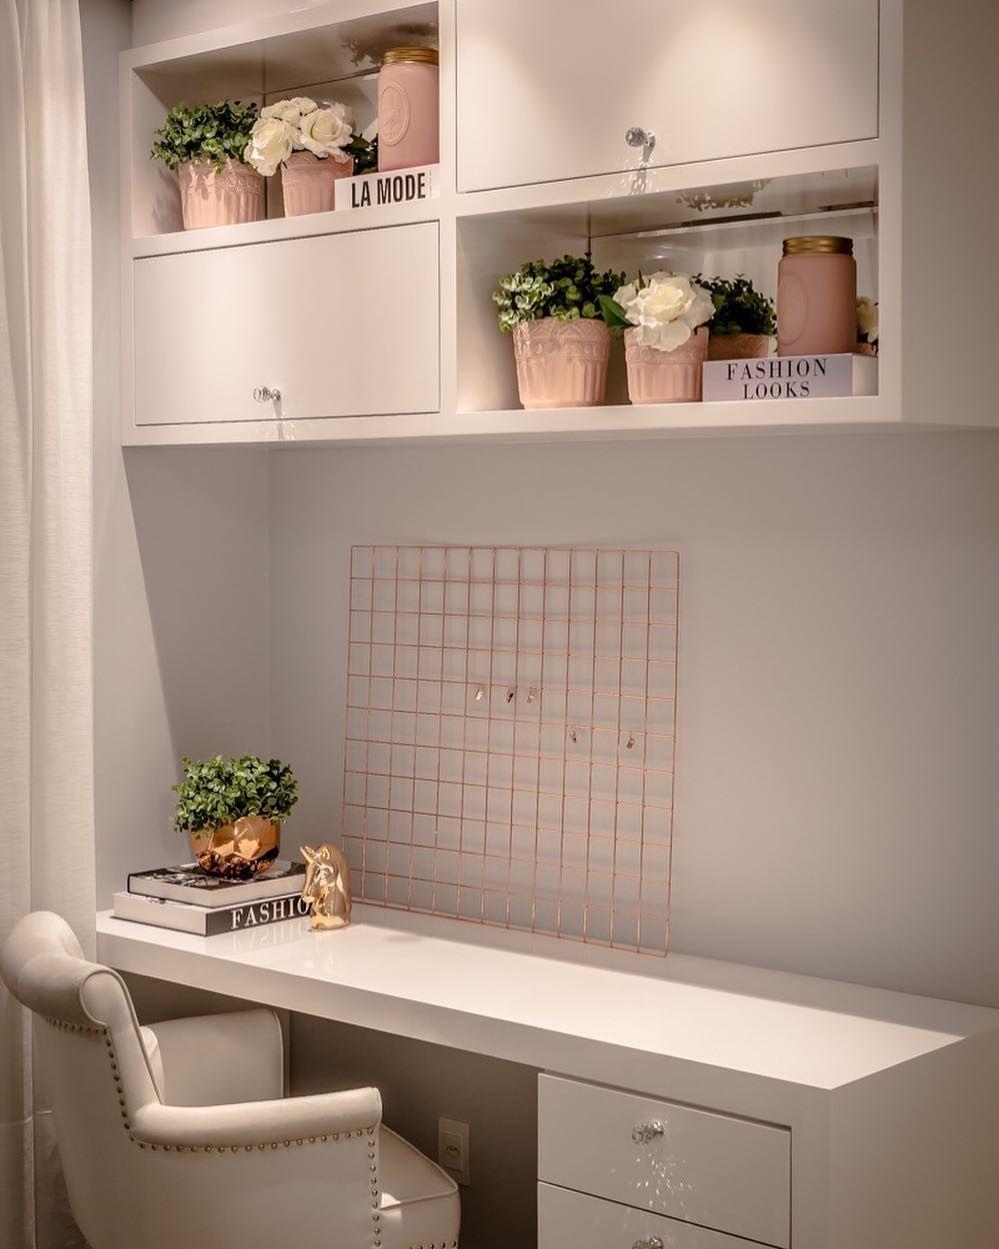 Escrivaninha branca 60 modelos para decorar seu escritório com classe -> Onde Comprar Decoração De Halloween